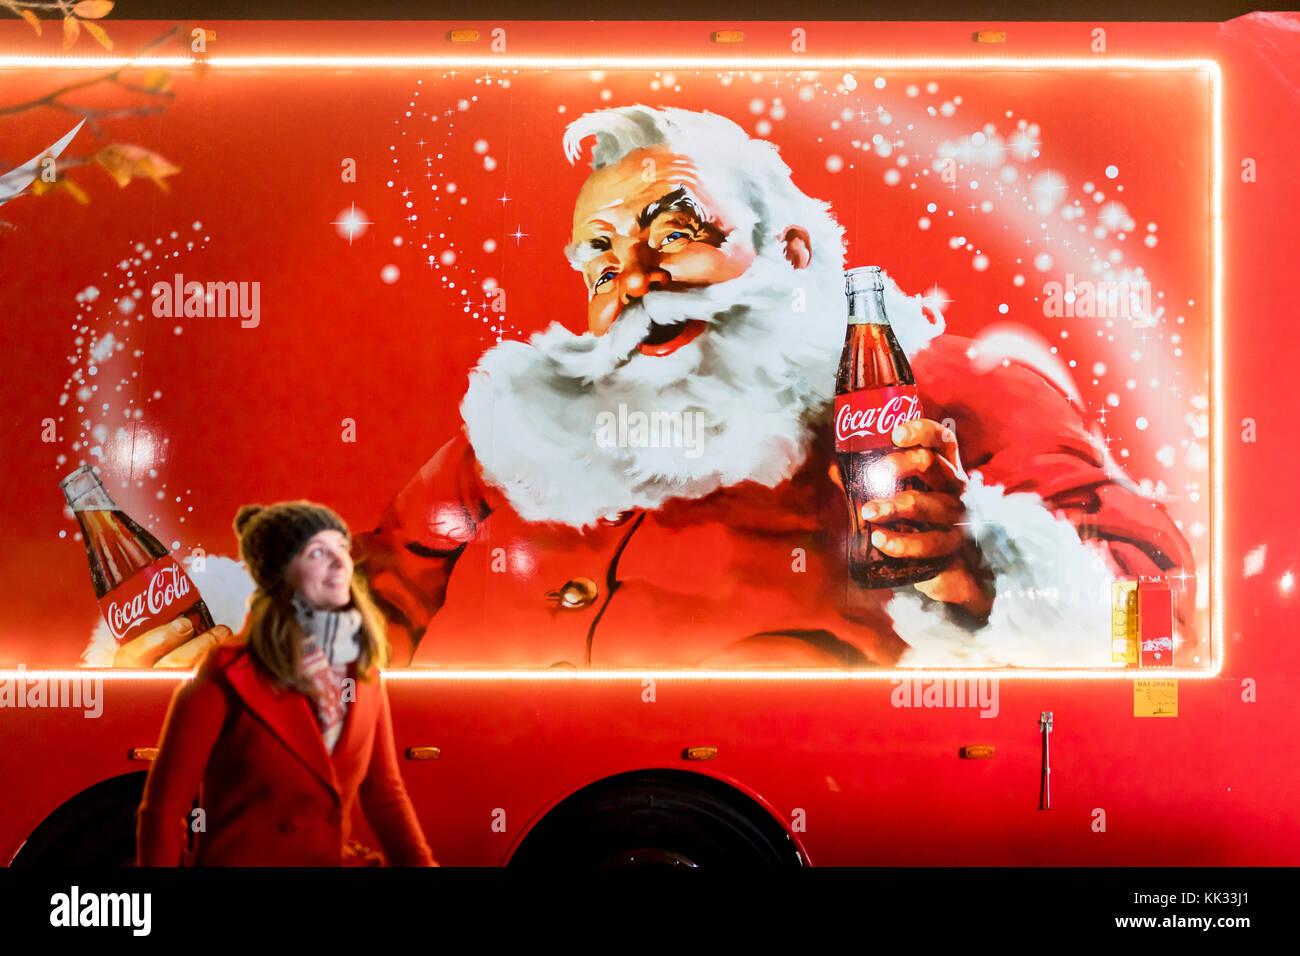 Coca Cola Babbo Natale.Donna Di Fronte A Natale Coca Cola Carrello Nel Regno Unito Tradizionale Raffigurante Santa Claus O Babbo Natale In Possesso Di Una Bottiglia Di Coca Cola Foto Stock Alamy